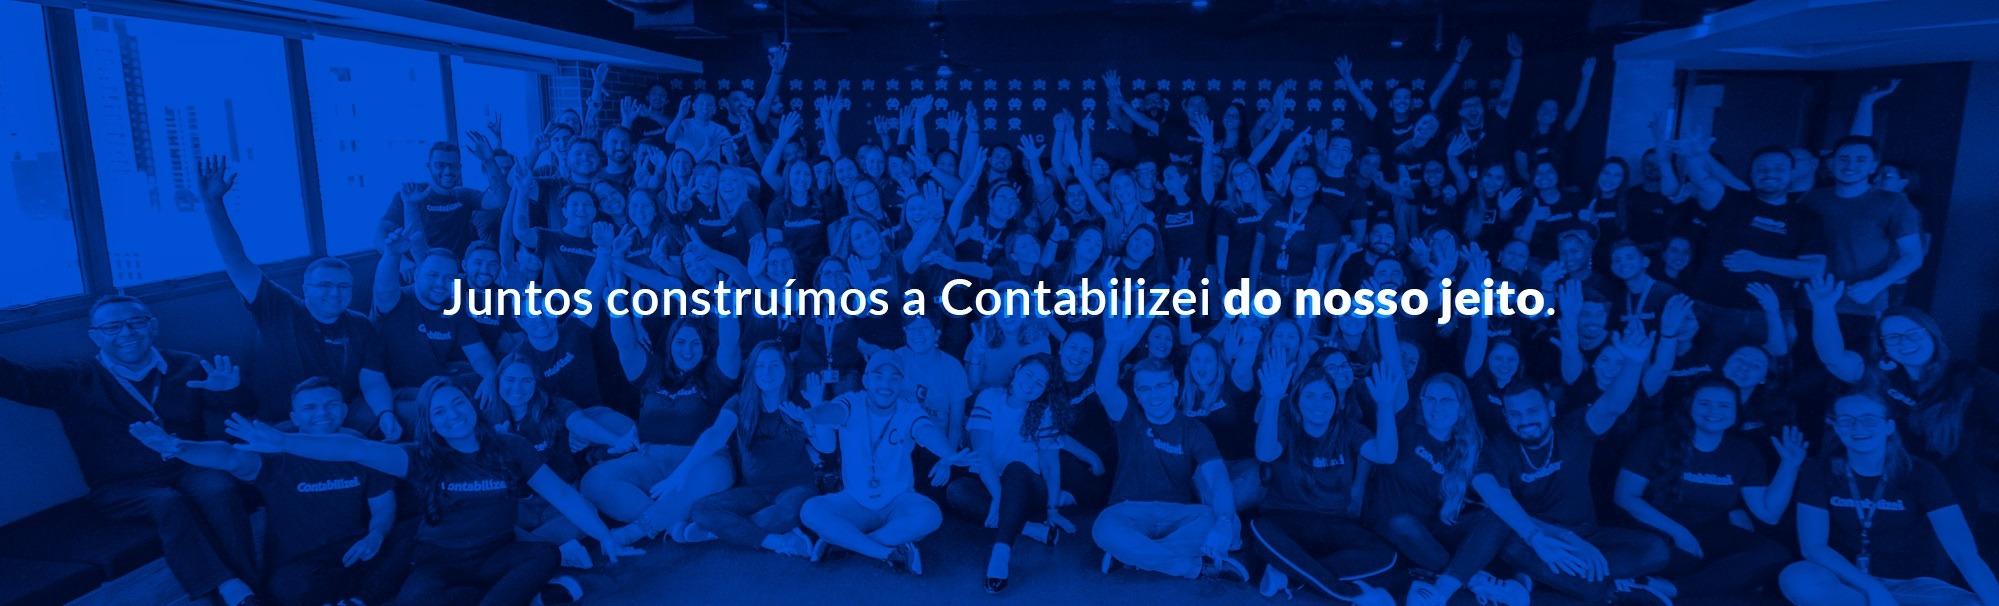 Desenvolvedor(a) Back-end Java Sênior | Remoto (Qualquer lugar do Brasil)